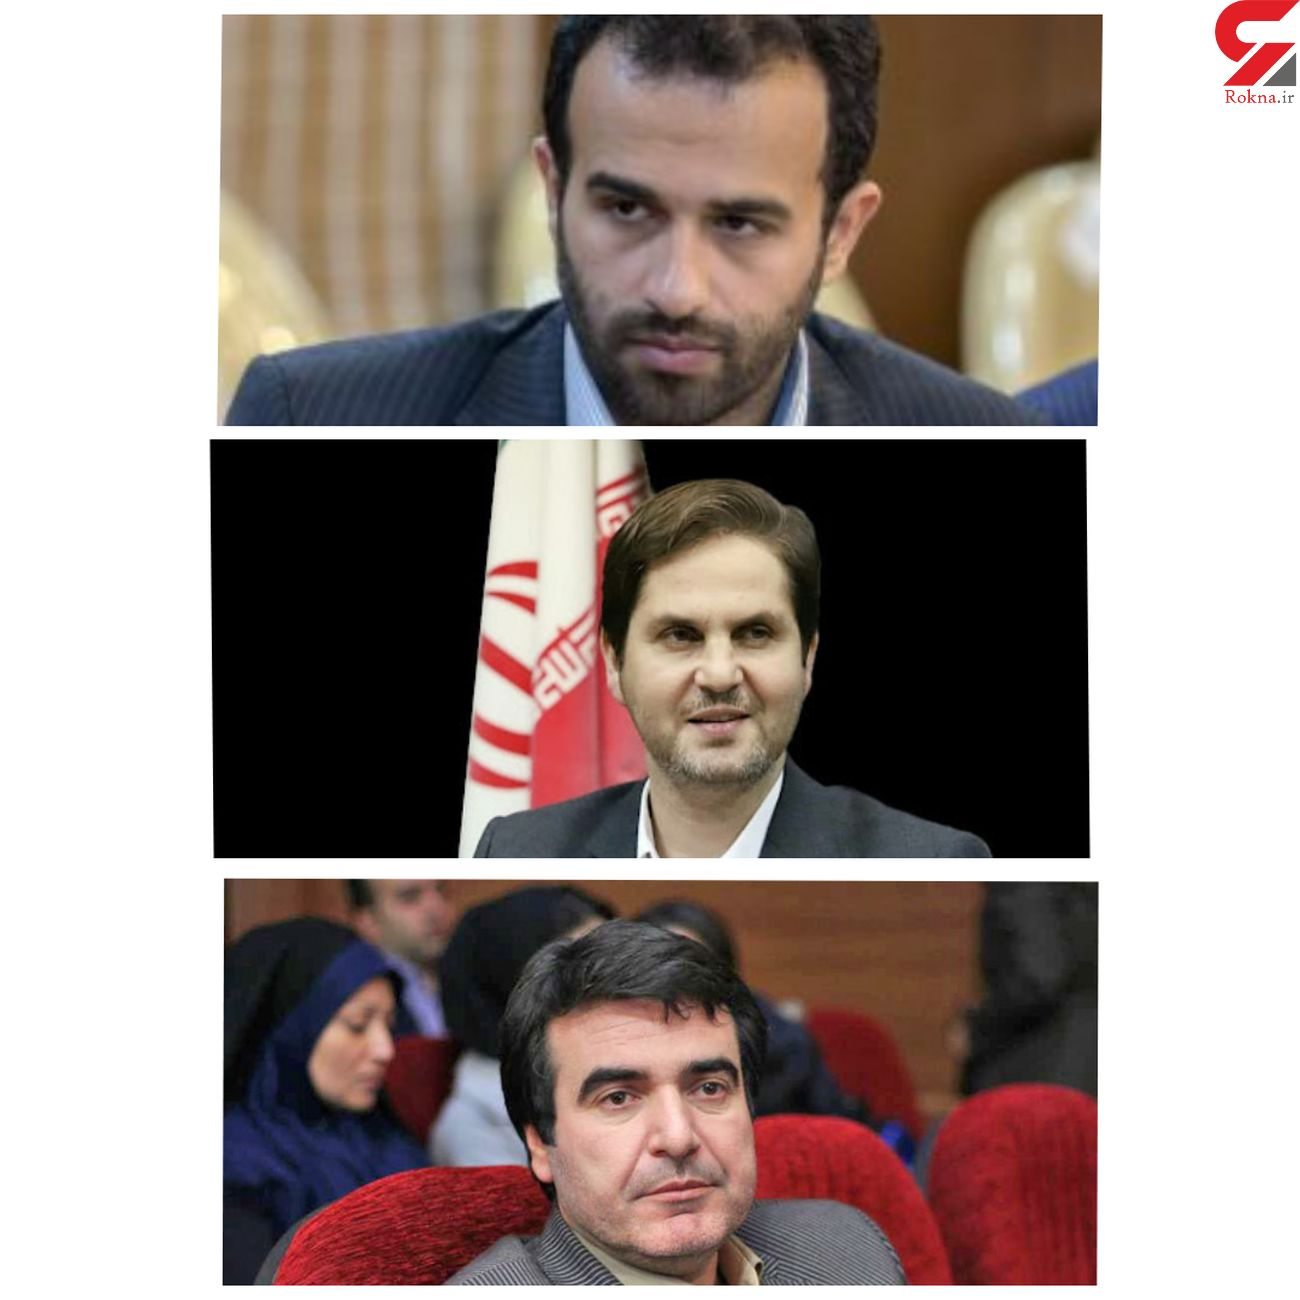 معرفی سه گزینه نهایی شهرداری رشت